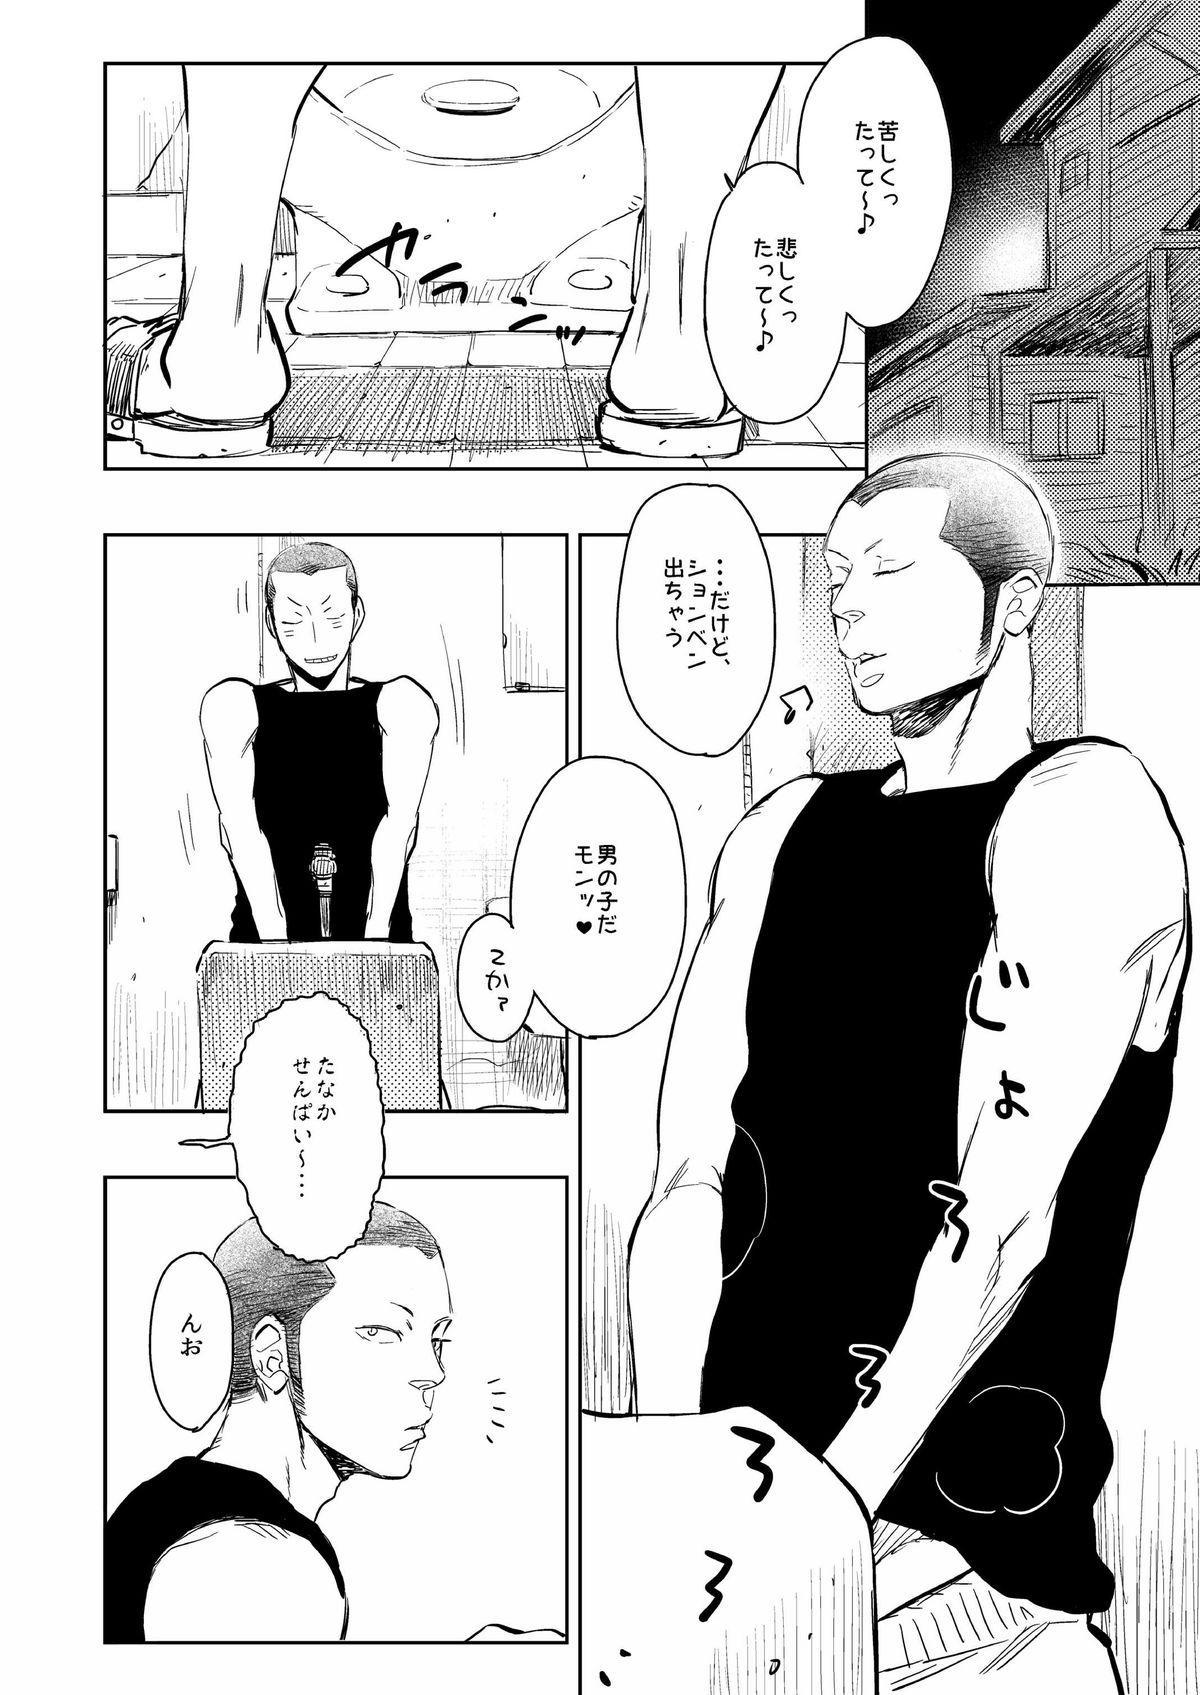 Saisho no, Naisho no. + Natsunokedamono 2